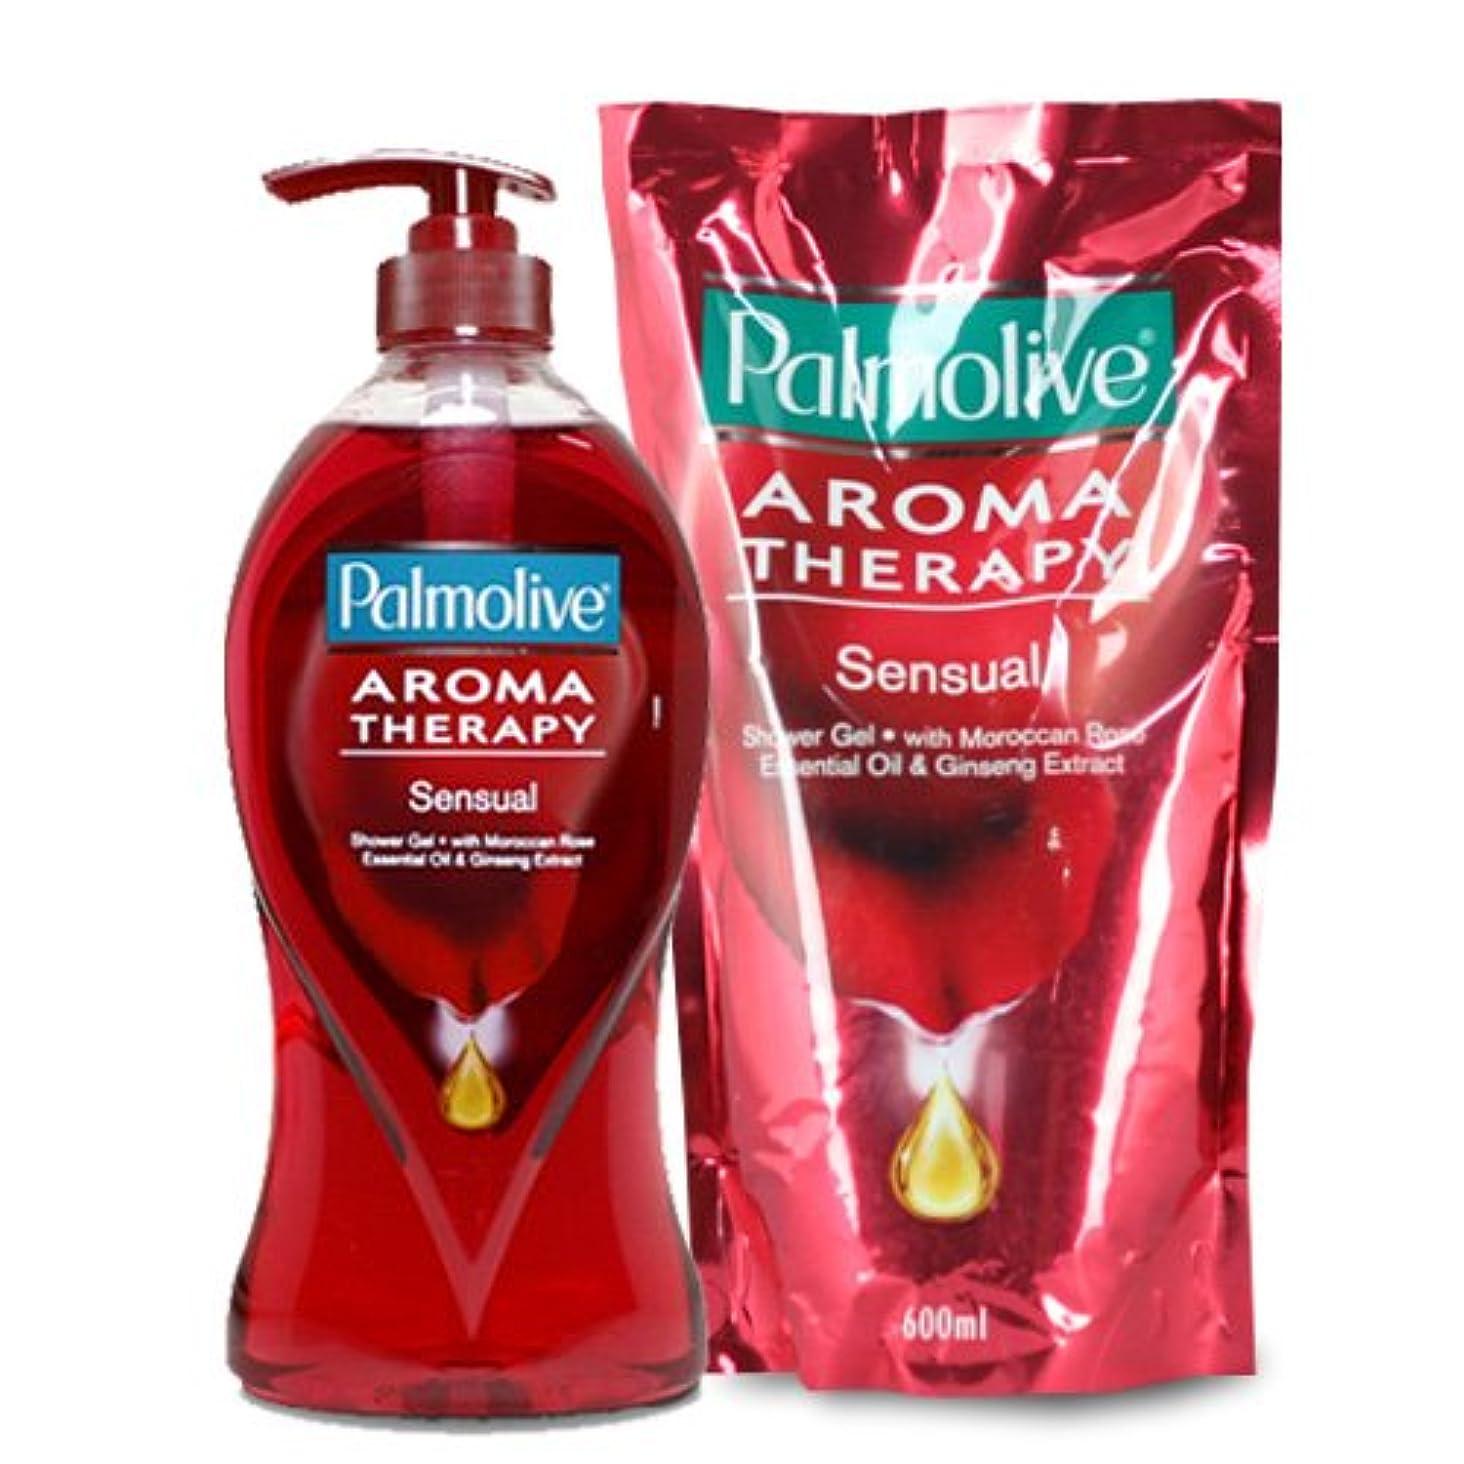 愛人覚えている思慮のない【Palmolive】パルモリーブ アロマセラピーシャワージェル ボトルと詰め替えのセット (センシャル)